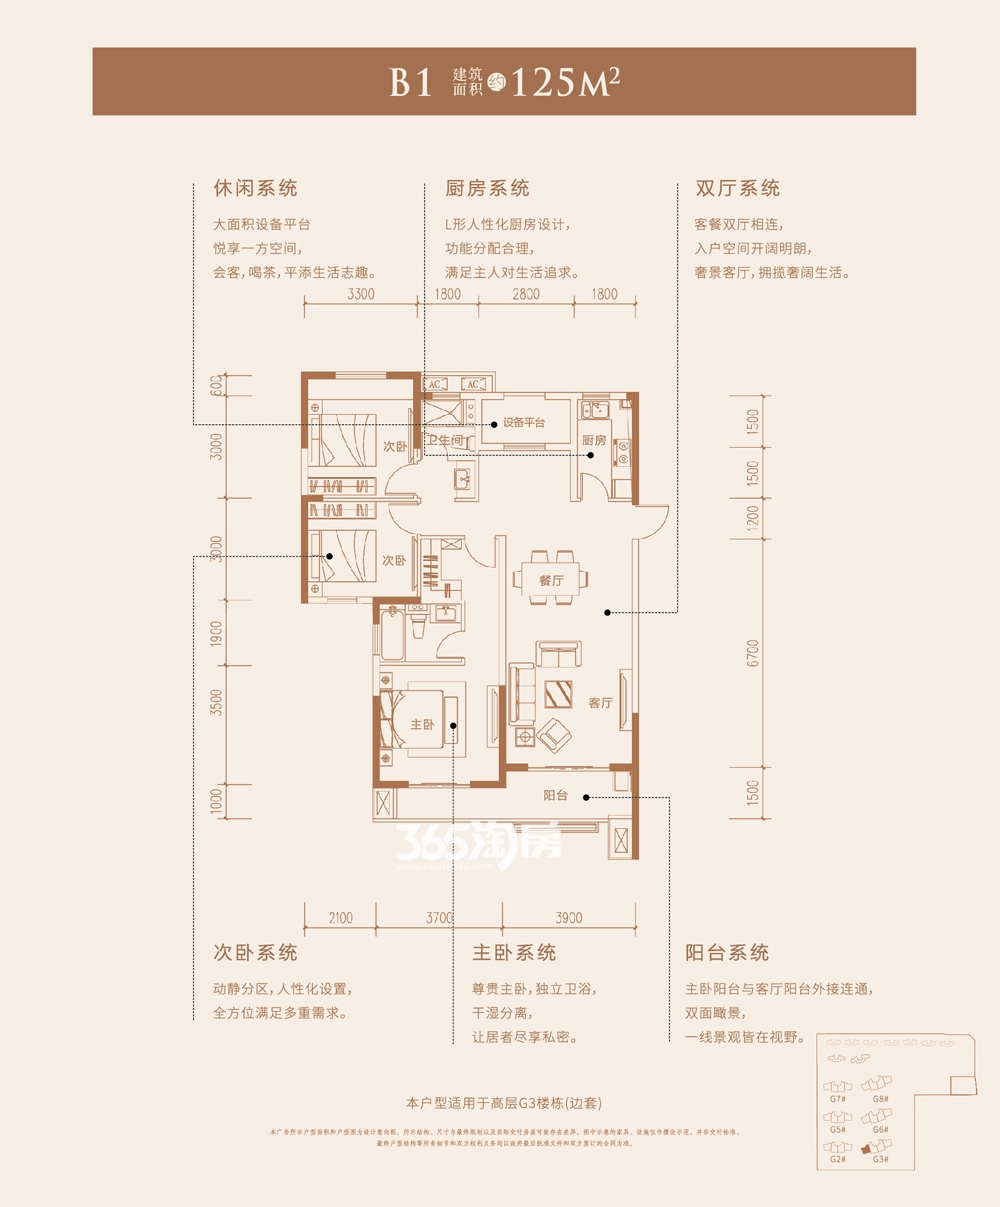 陶冲湖壹号院高层B1户型